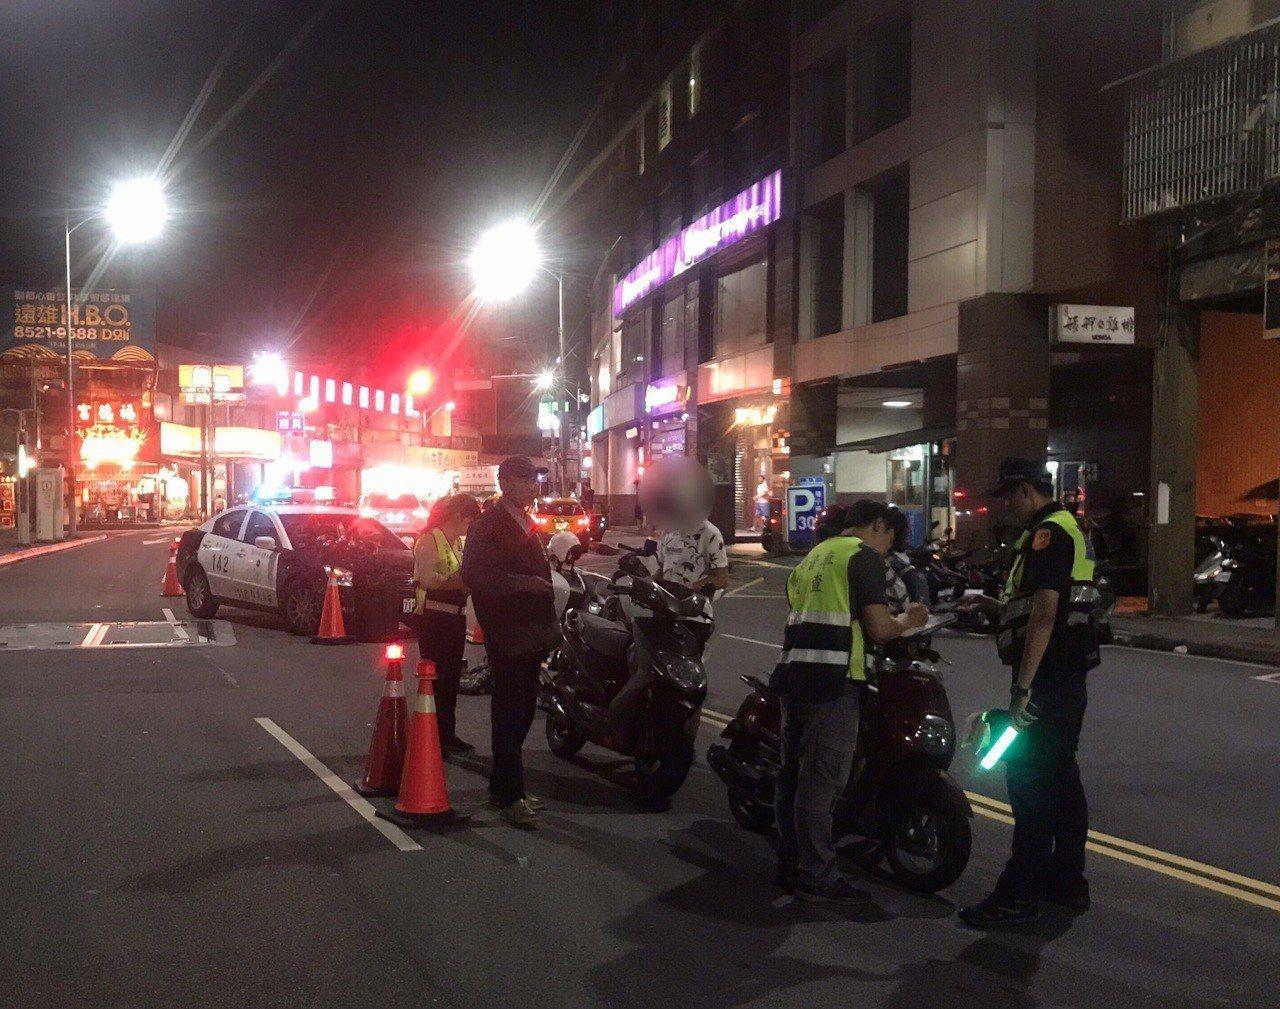 改裝排氣管車半夜擾民,新莊警與環保局動員攔查。記者巫鴻瑋/翻攝